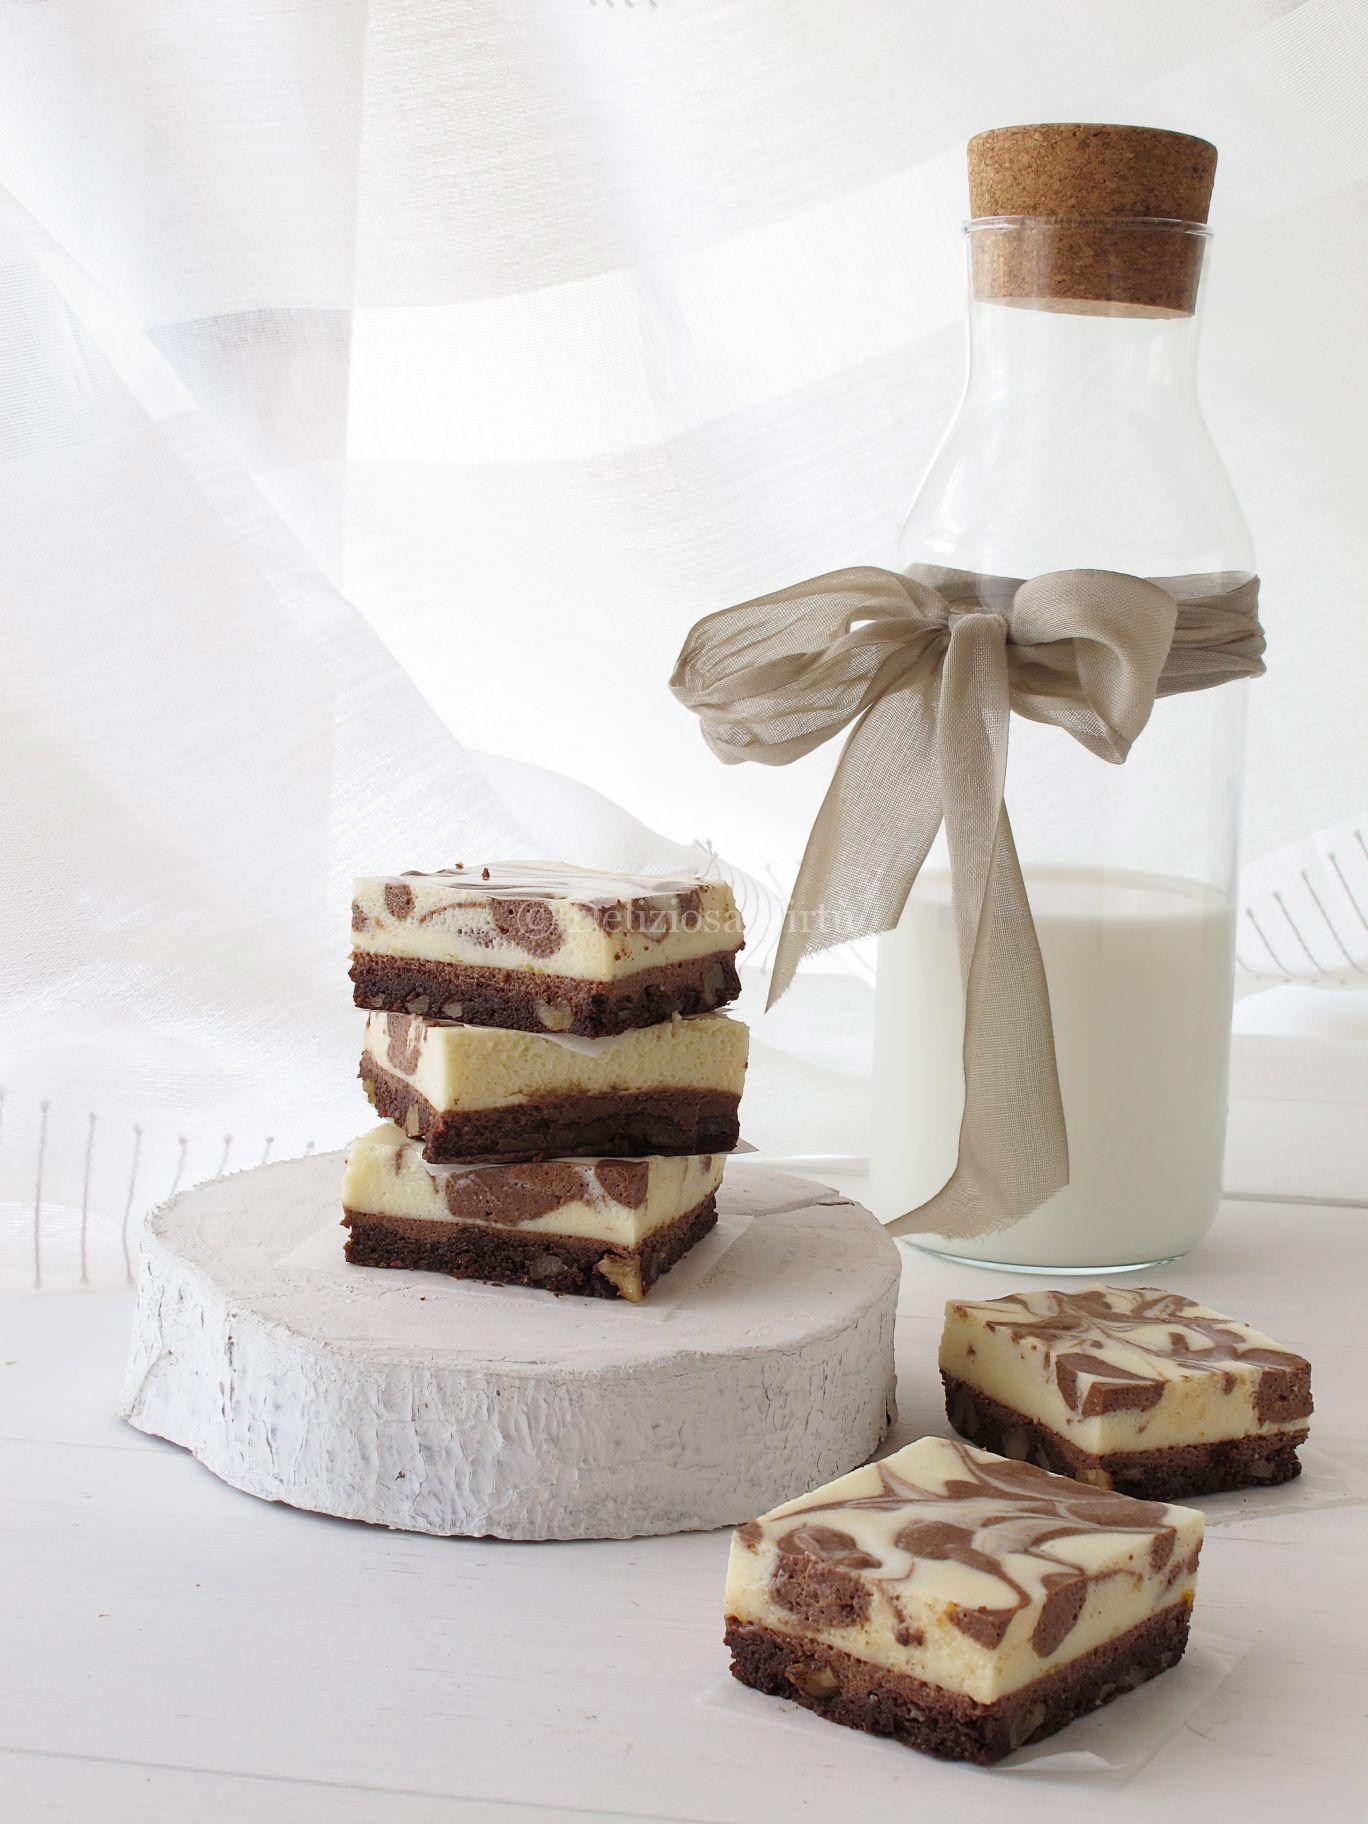 """Chocolate mousse brownies #magariungiorno Ciao a tutti, siamo già a lunedì e, non sò per voi ma per me è il giorno piu """"pesante"""" della settimana; come dite? Anche per voi? Bene allora perchè non proviamo ad alleggerirlo un pò? Magari con una nota dolce? E magari anche a base di cioccolato… Allora iniziamo questa settimana con una vera… #magariungiorno"""